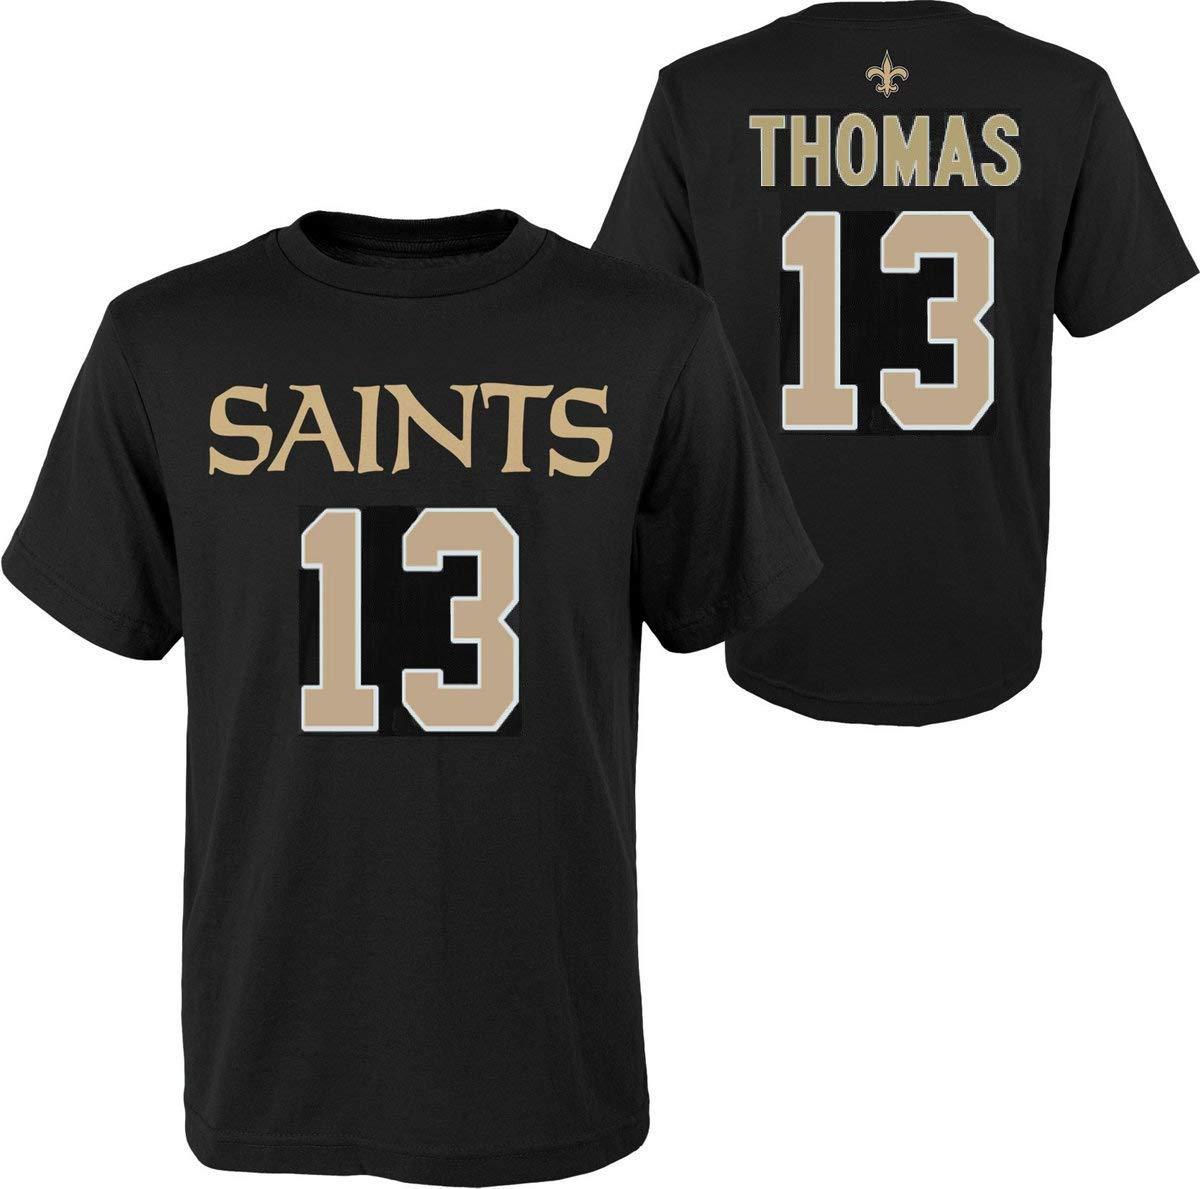 the best attitude 786a6 30ff9 Amazon.com : Outerstuff Michael Thomas New Orleans Saints ...